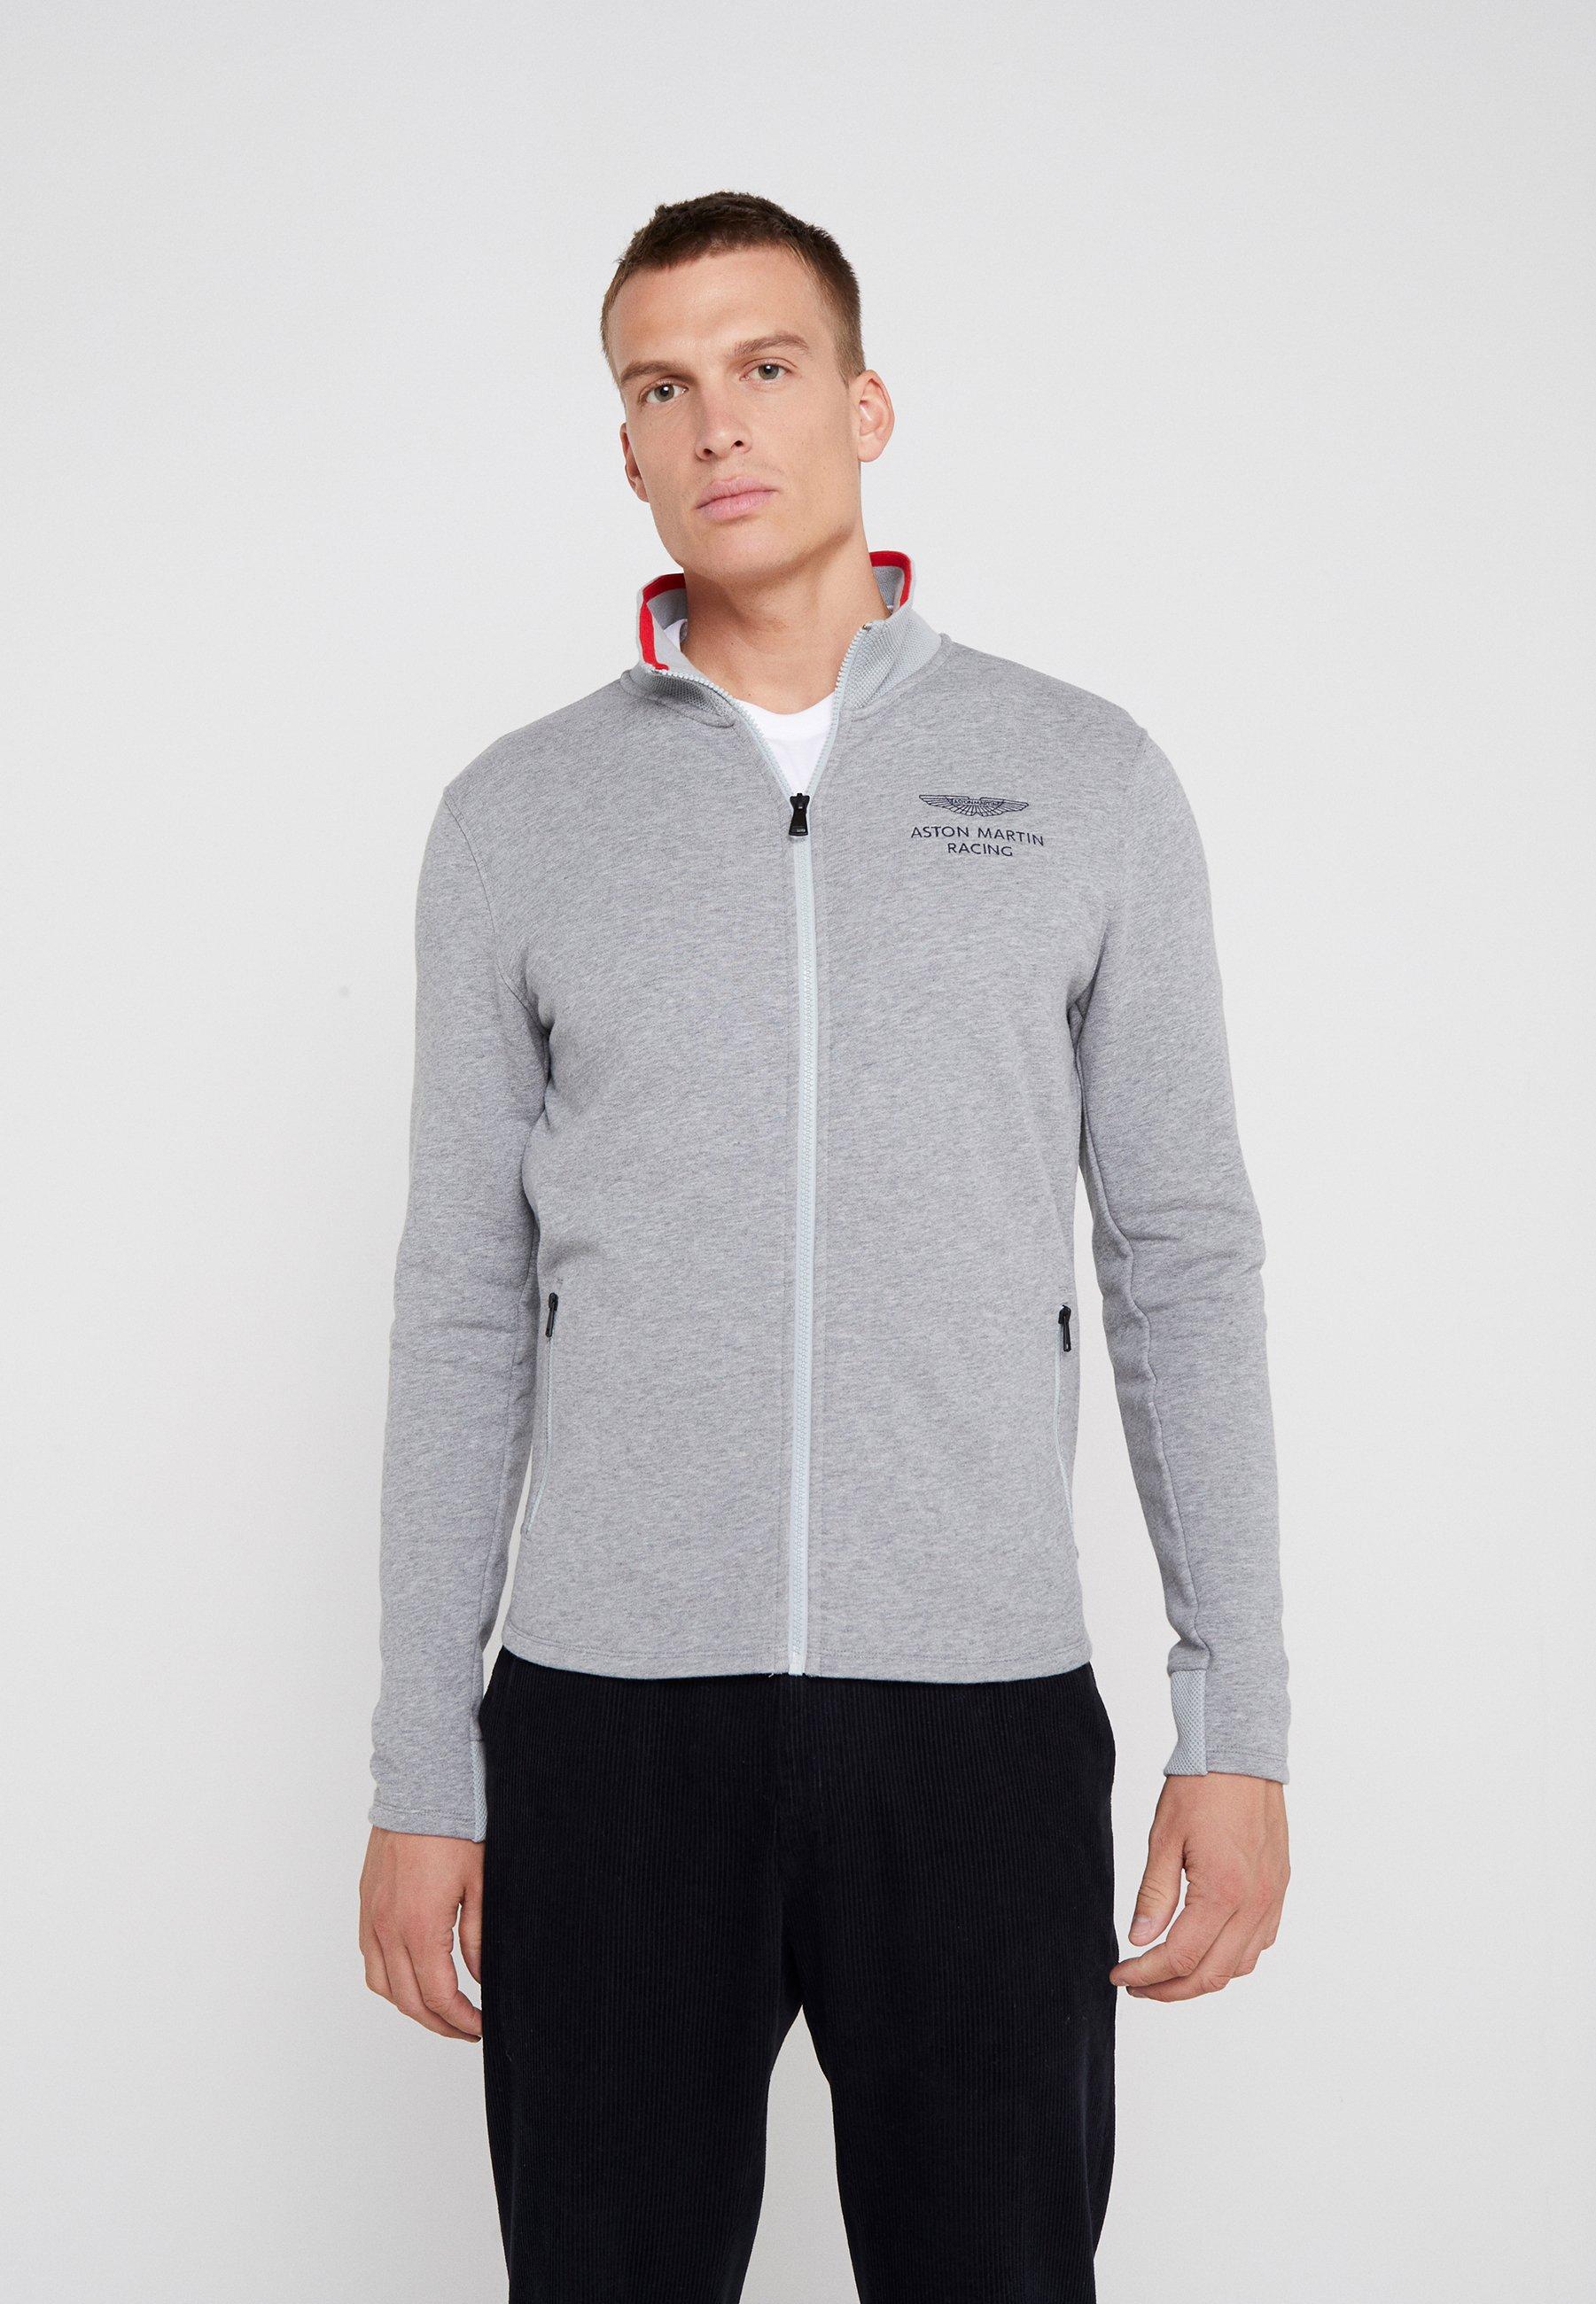 Hackett Aston Martin Racing Bluza rozpinana - mid grey